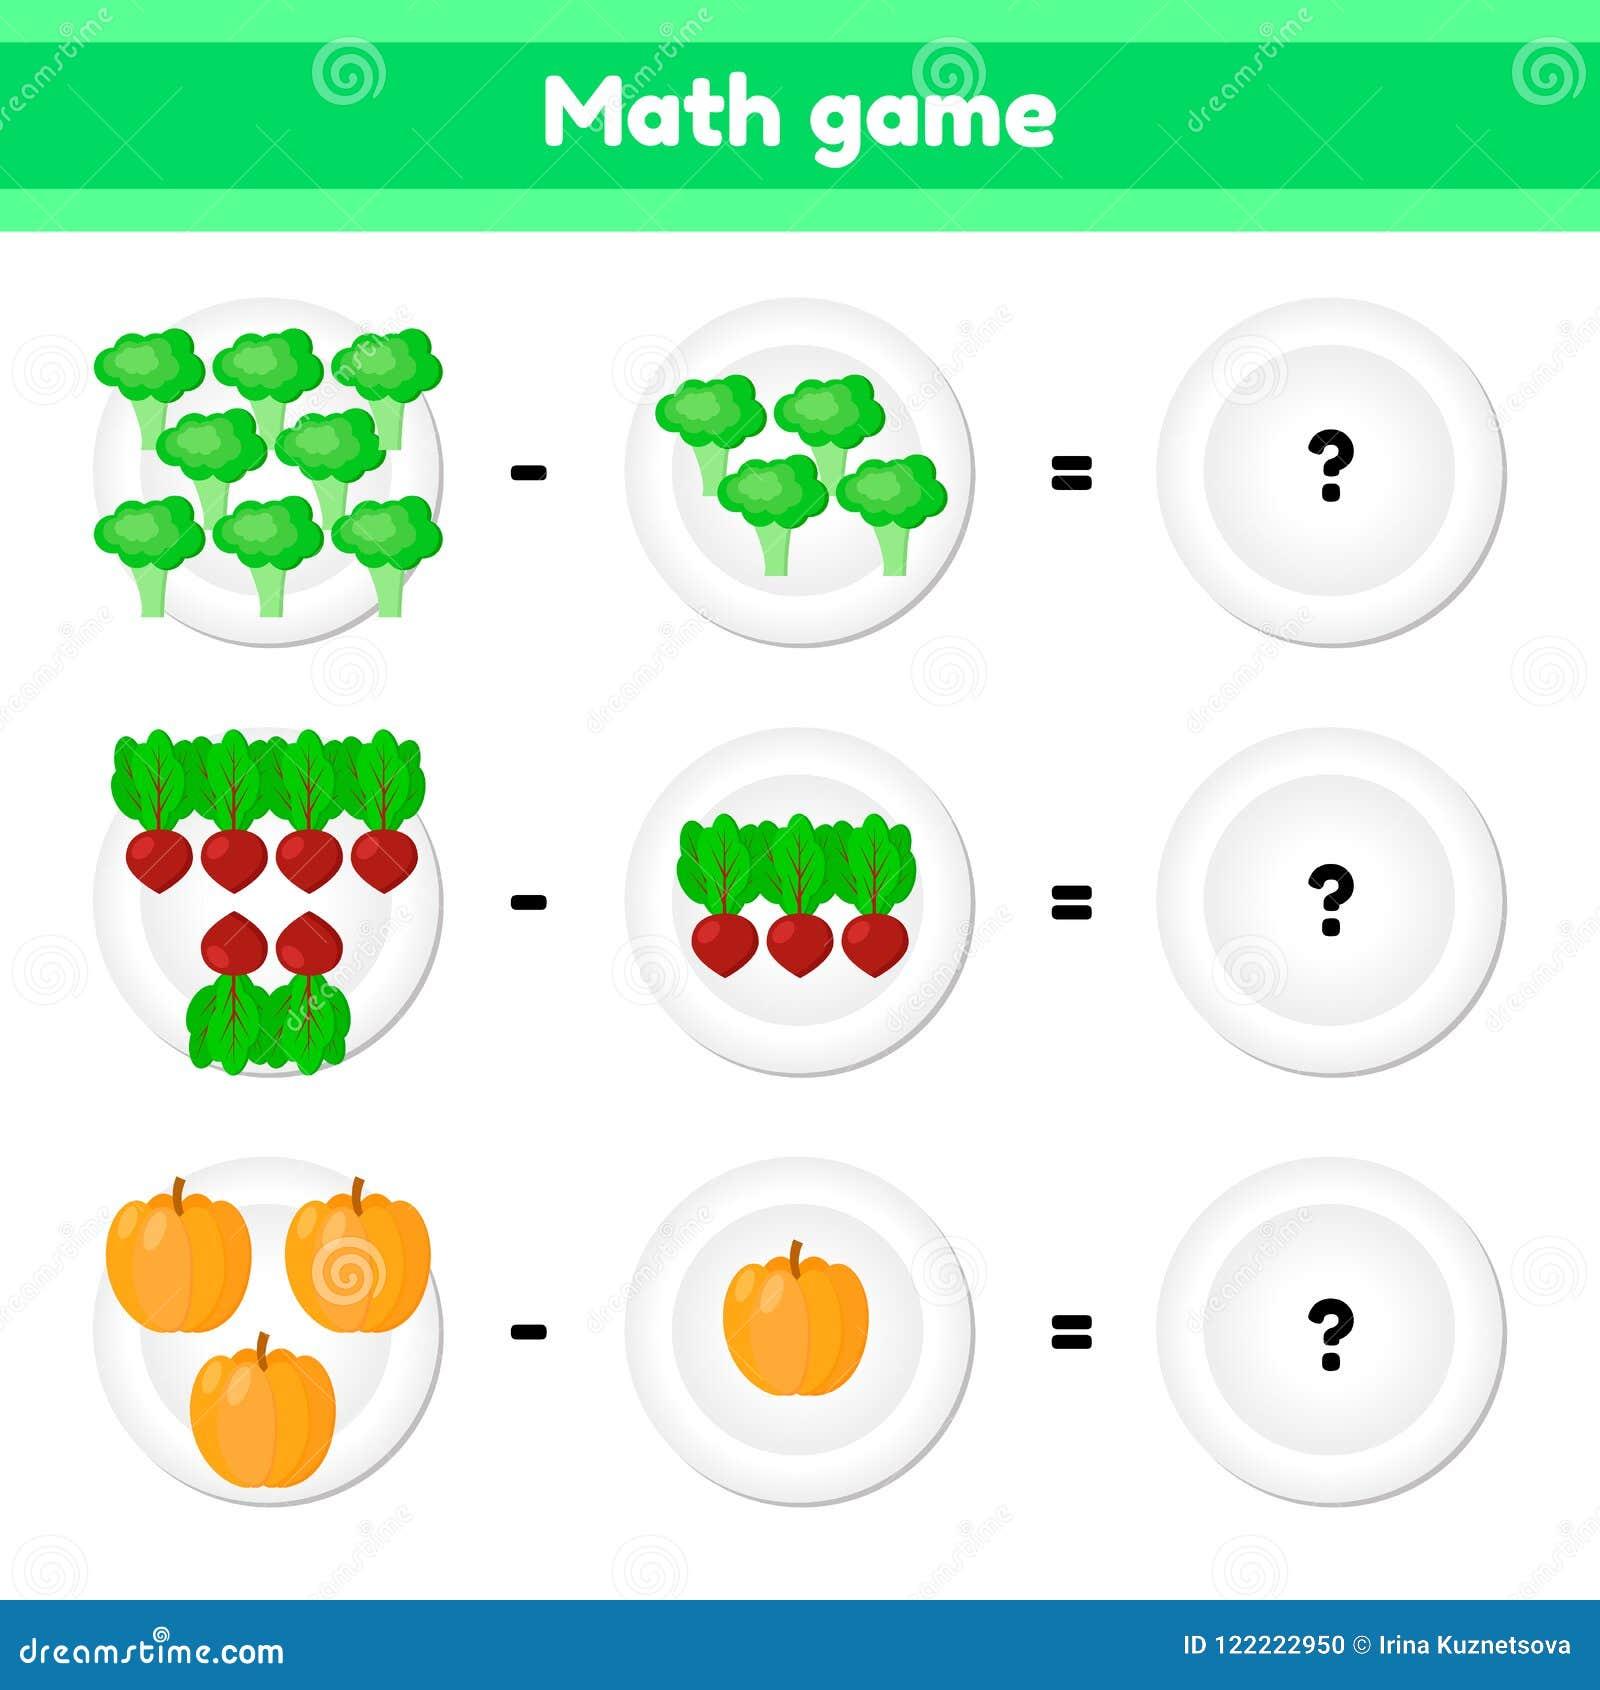 Εκπαιδευτικός ένα μαθηματικό παιχνίδι Στόχος λογικής για τα παιδιά αφαίρεση Λαχανικά Μπρόκολο, τεύτλα, κολοκύθα